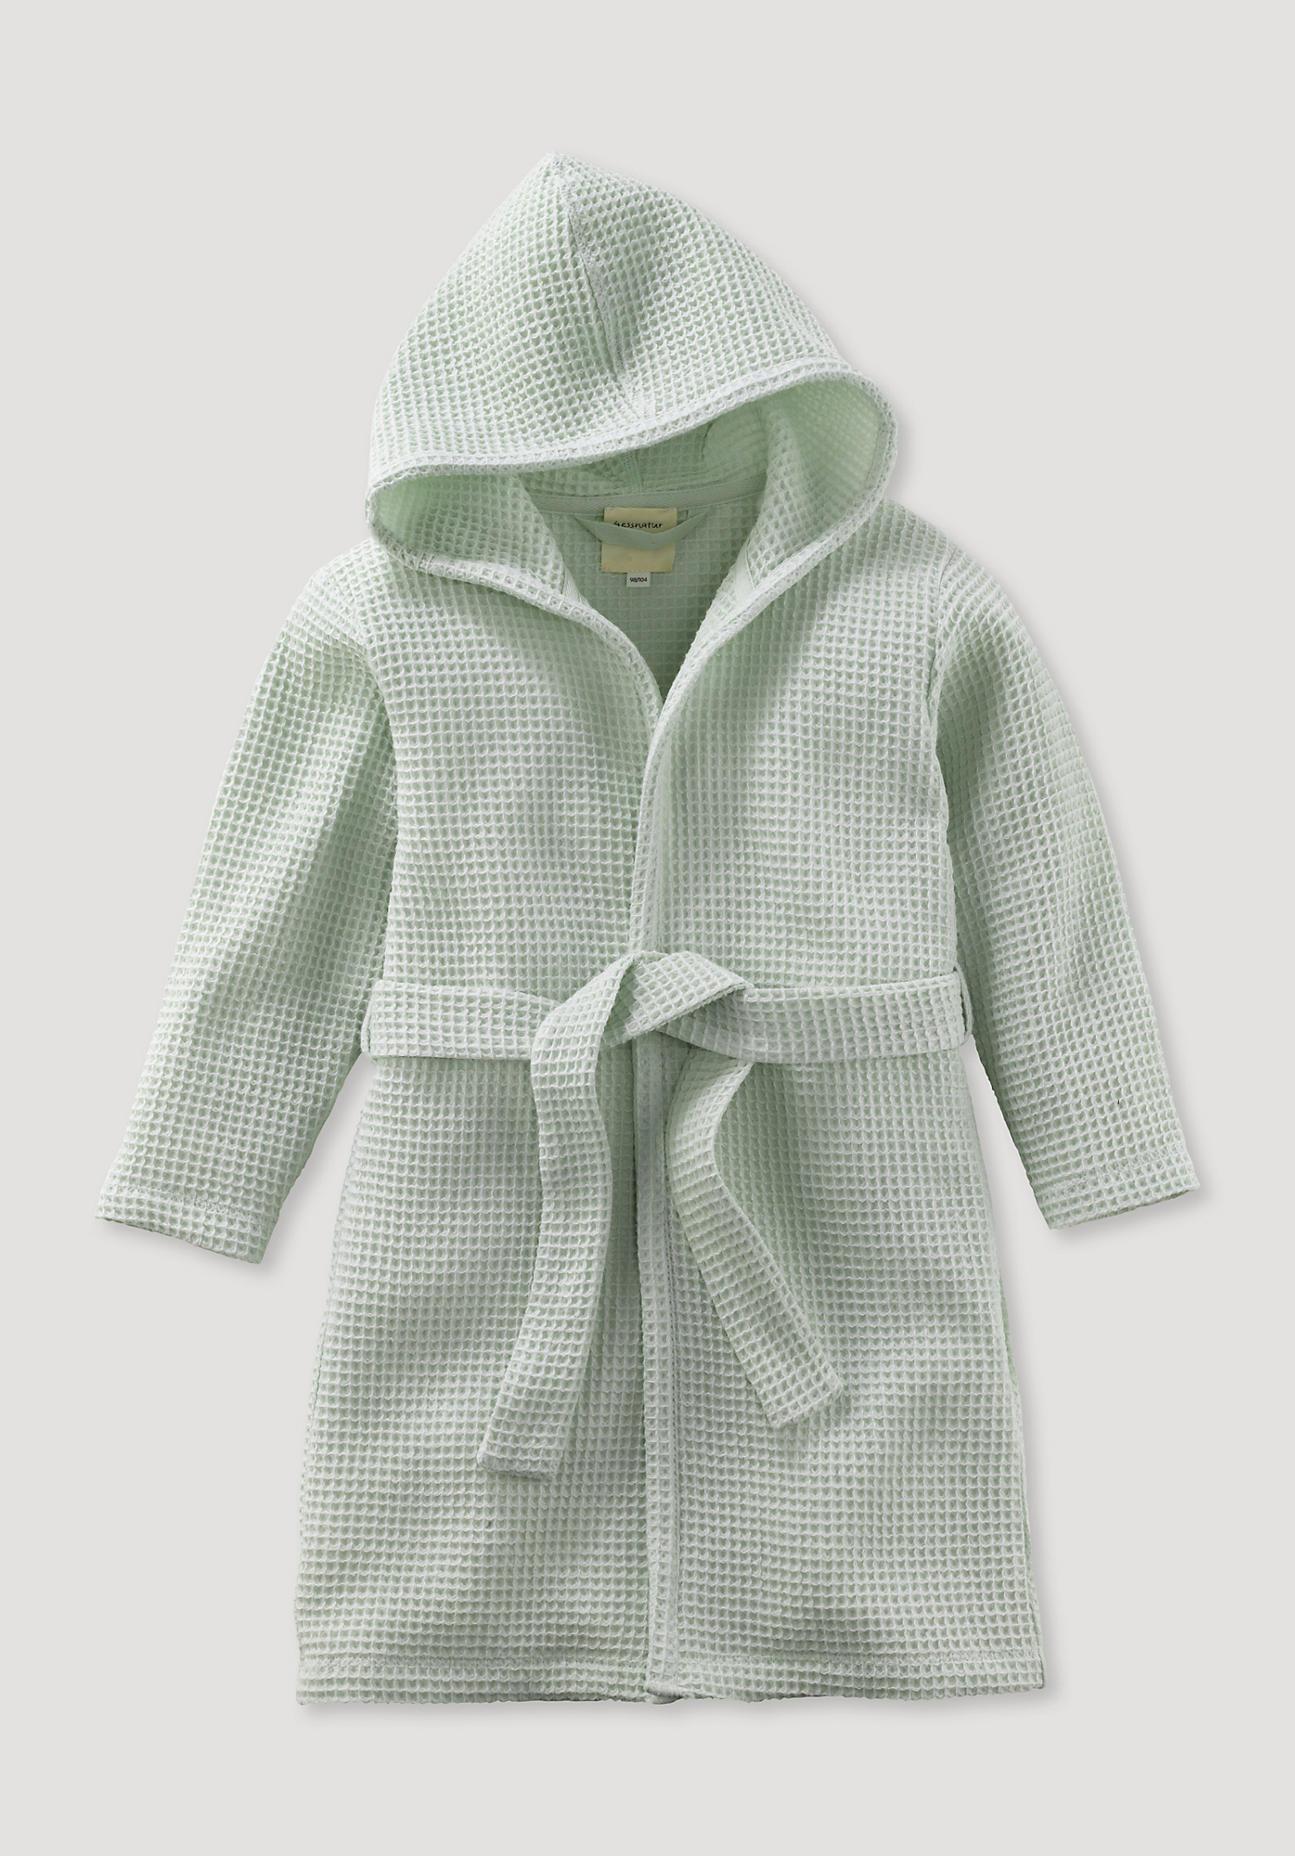 hessnatur Baby Bademantel aus Bio-Baumwolle – grün – Größe 98/104